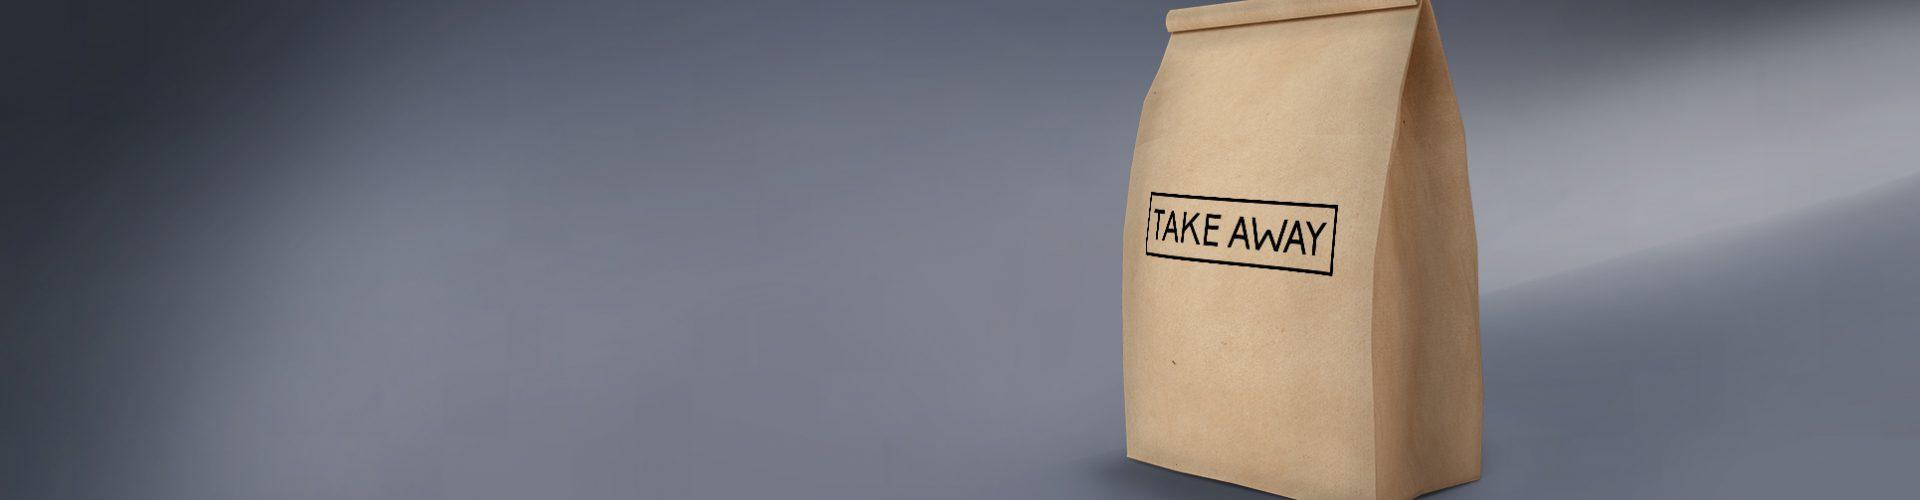 takeaway_header_site